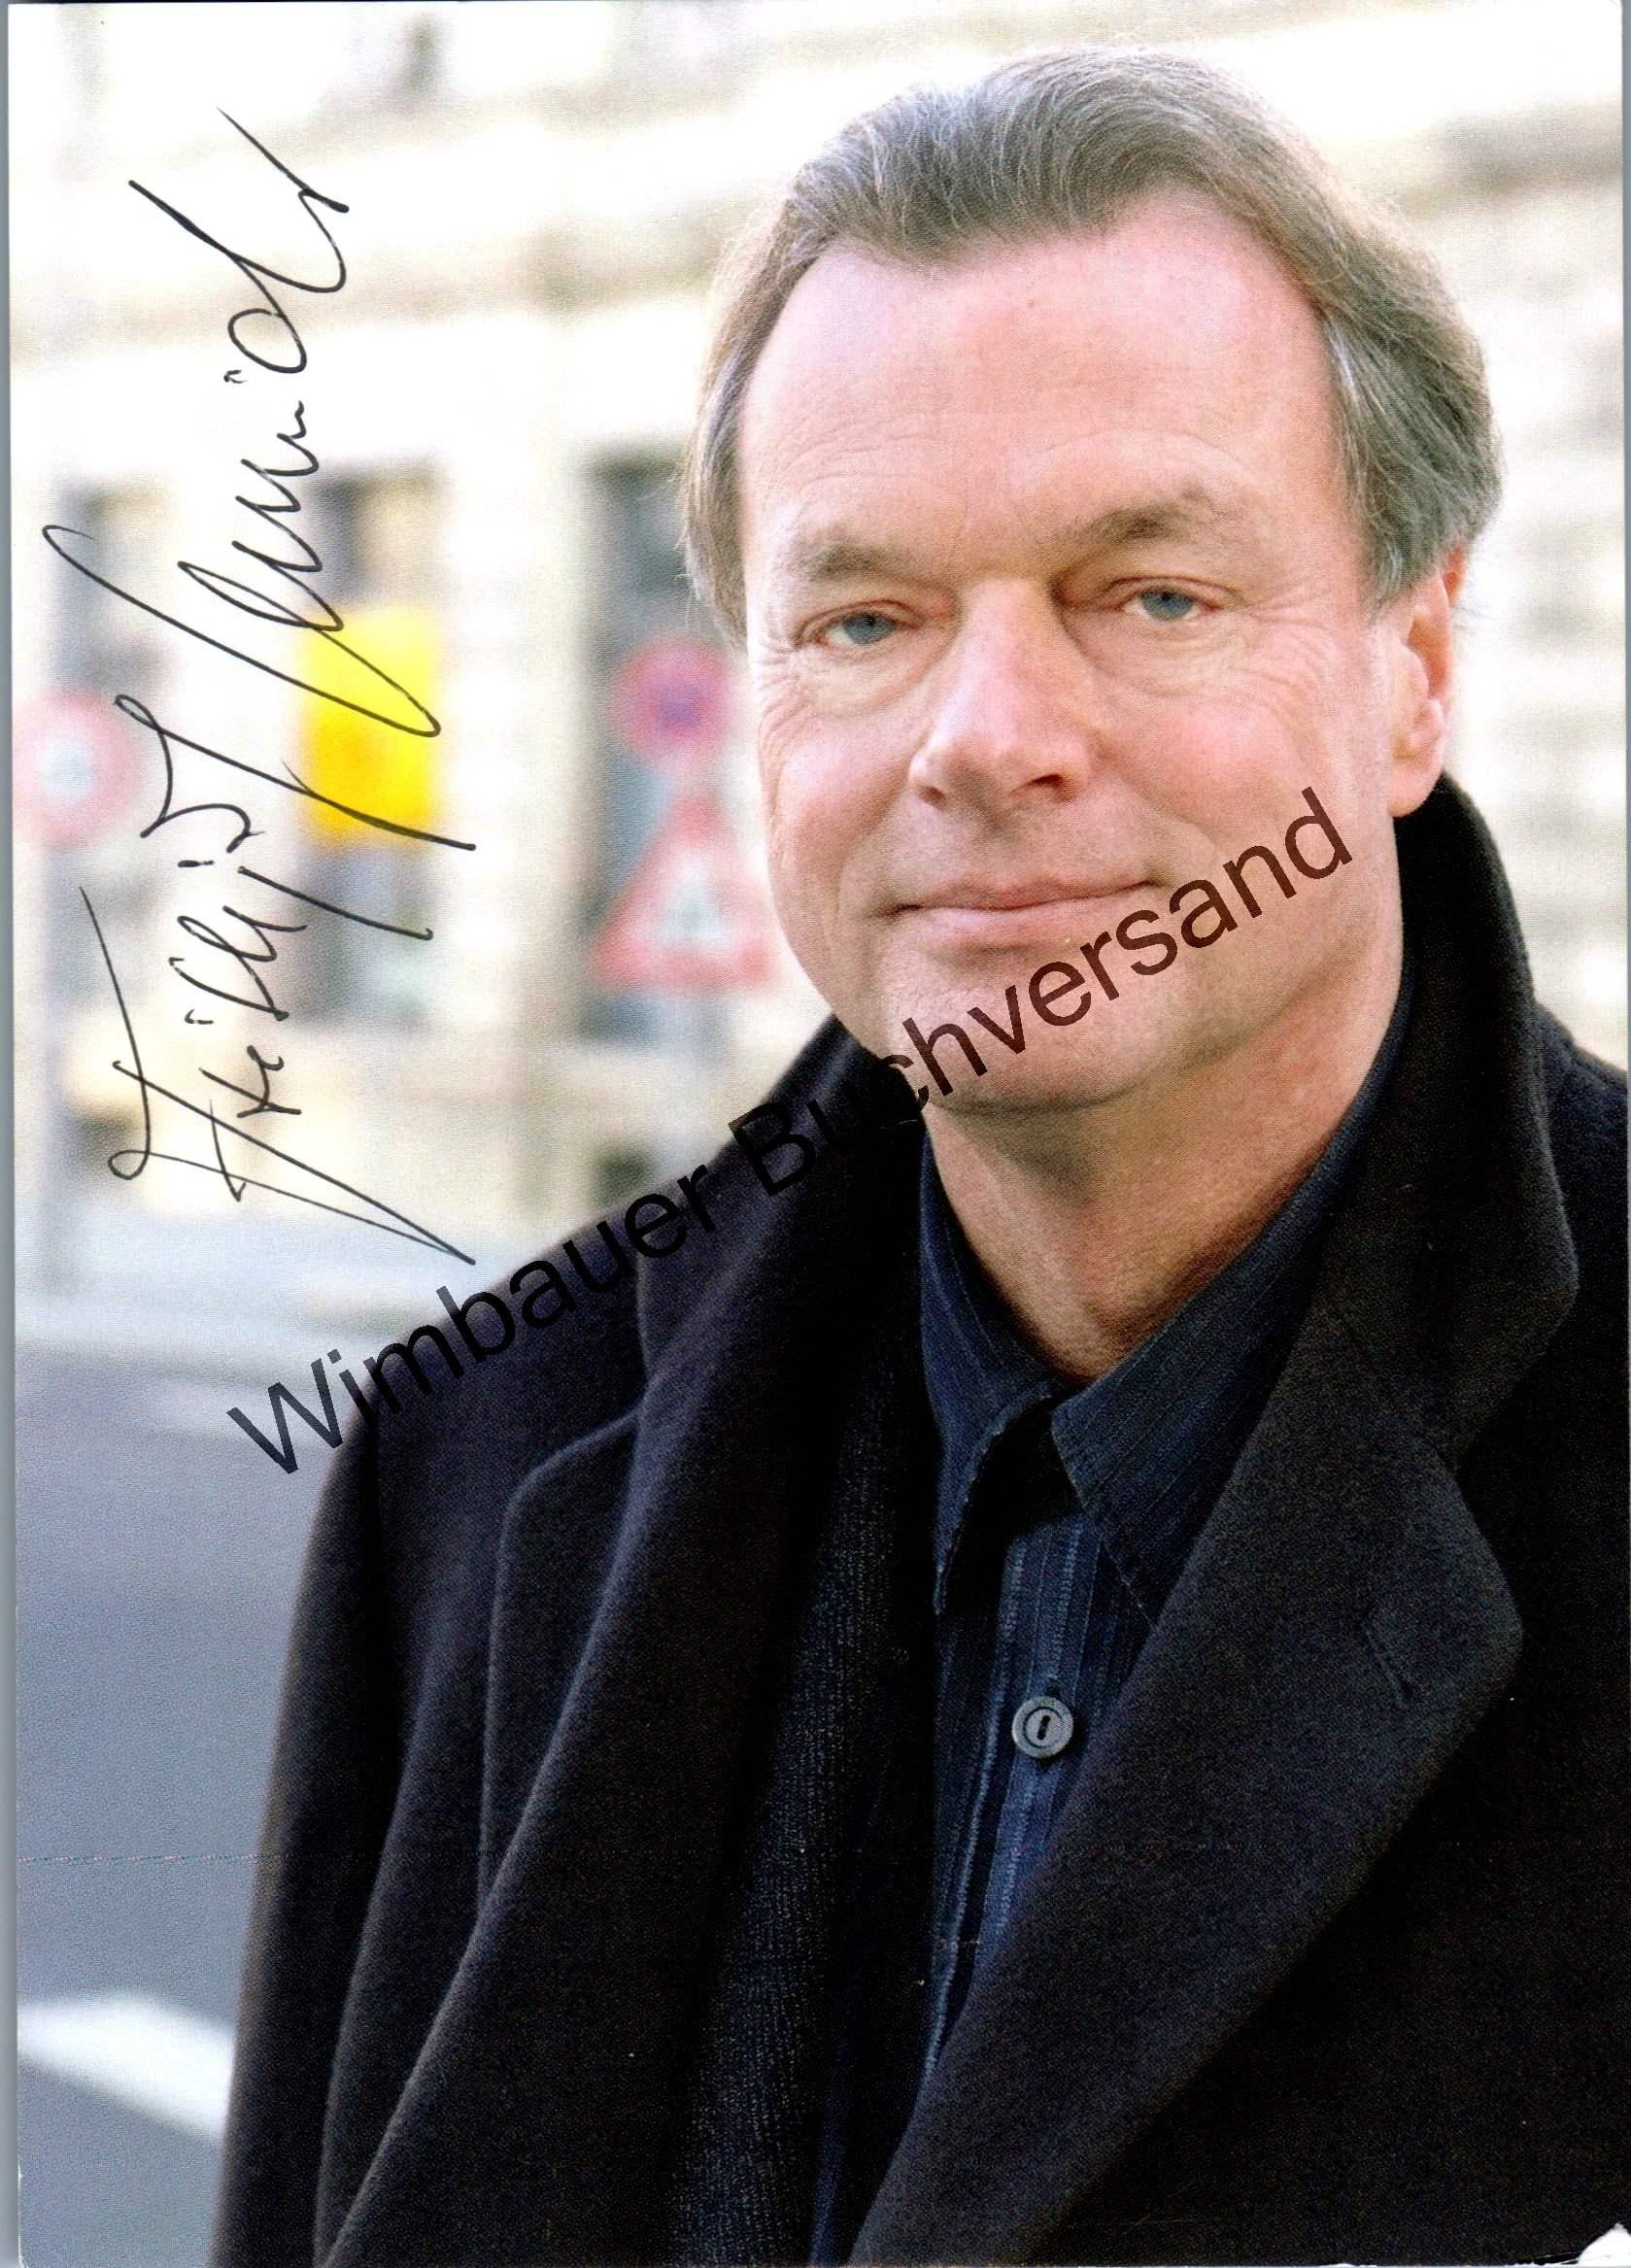 Original Autogramm Frithjof Schmidt MdB Die Grünen /// Autogramm Autograph signiert signed signee